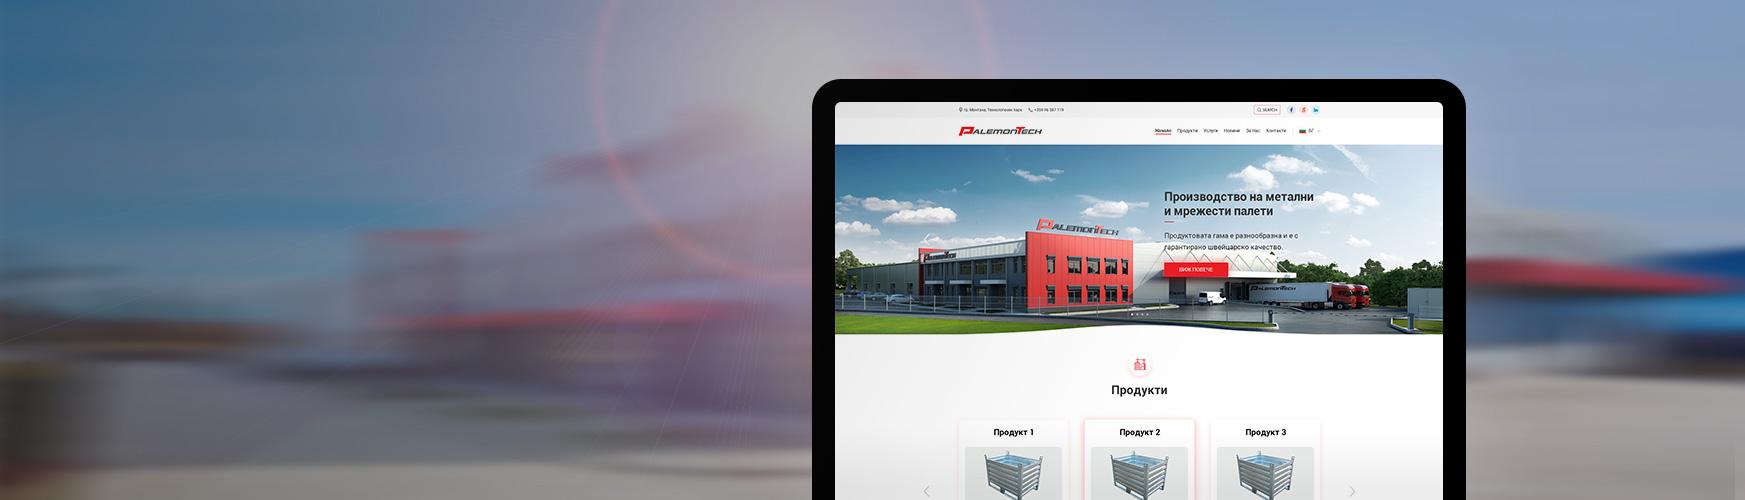 Изработка на WordPress-сайт за Палемонтех